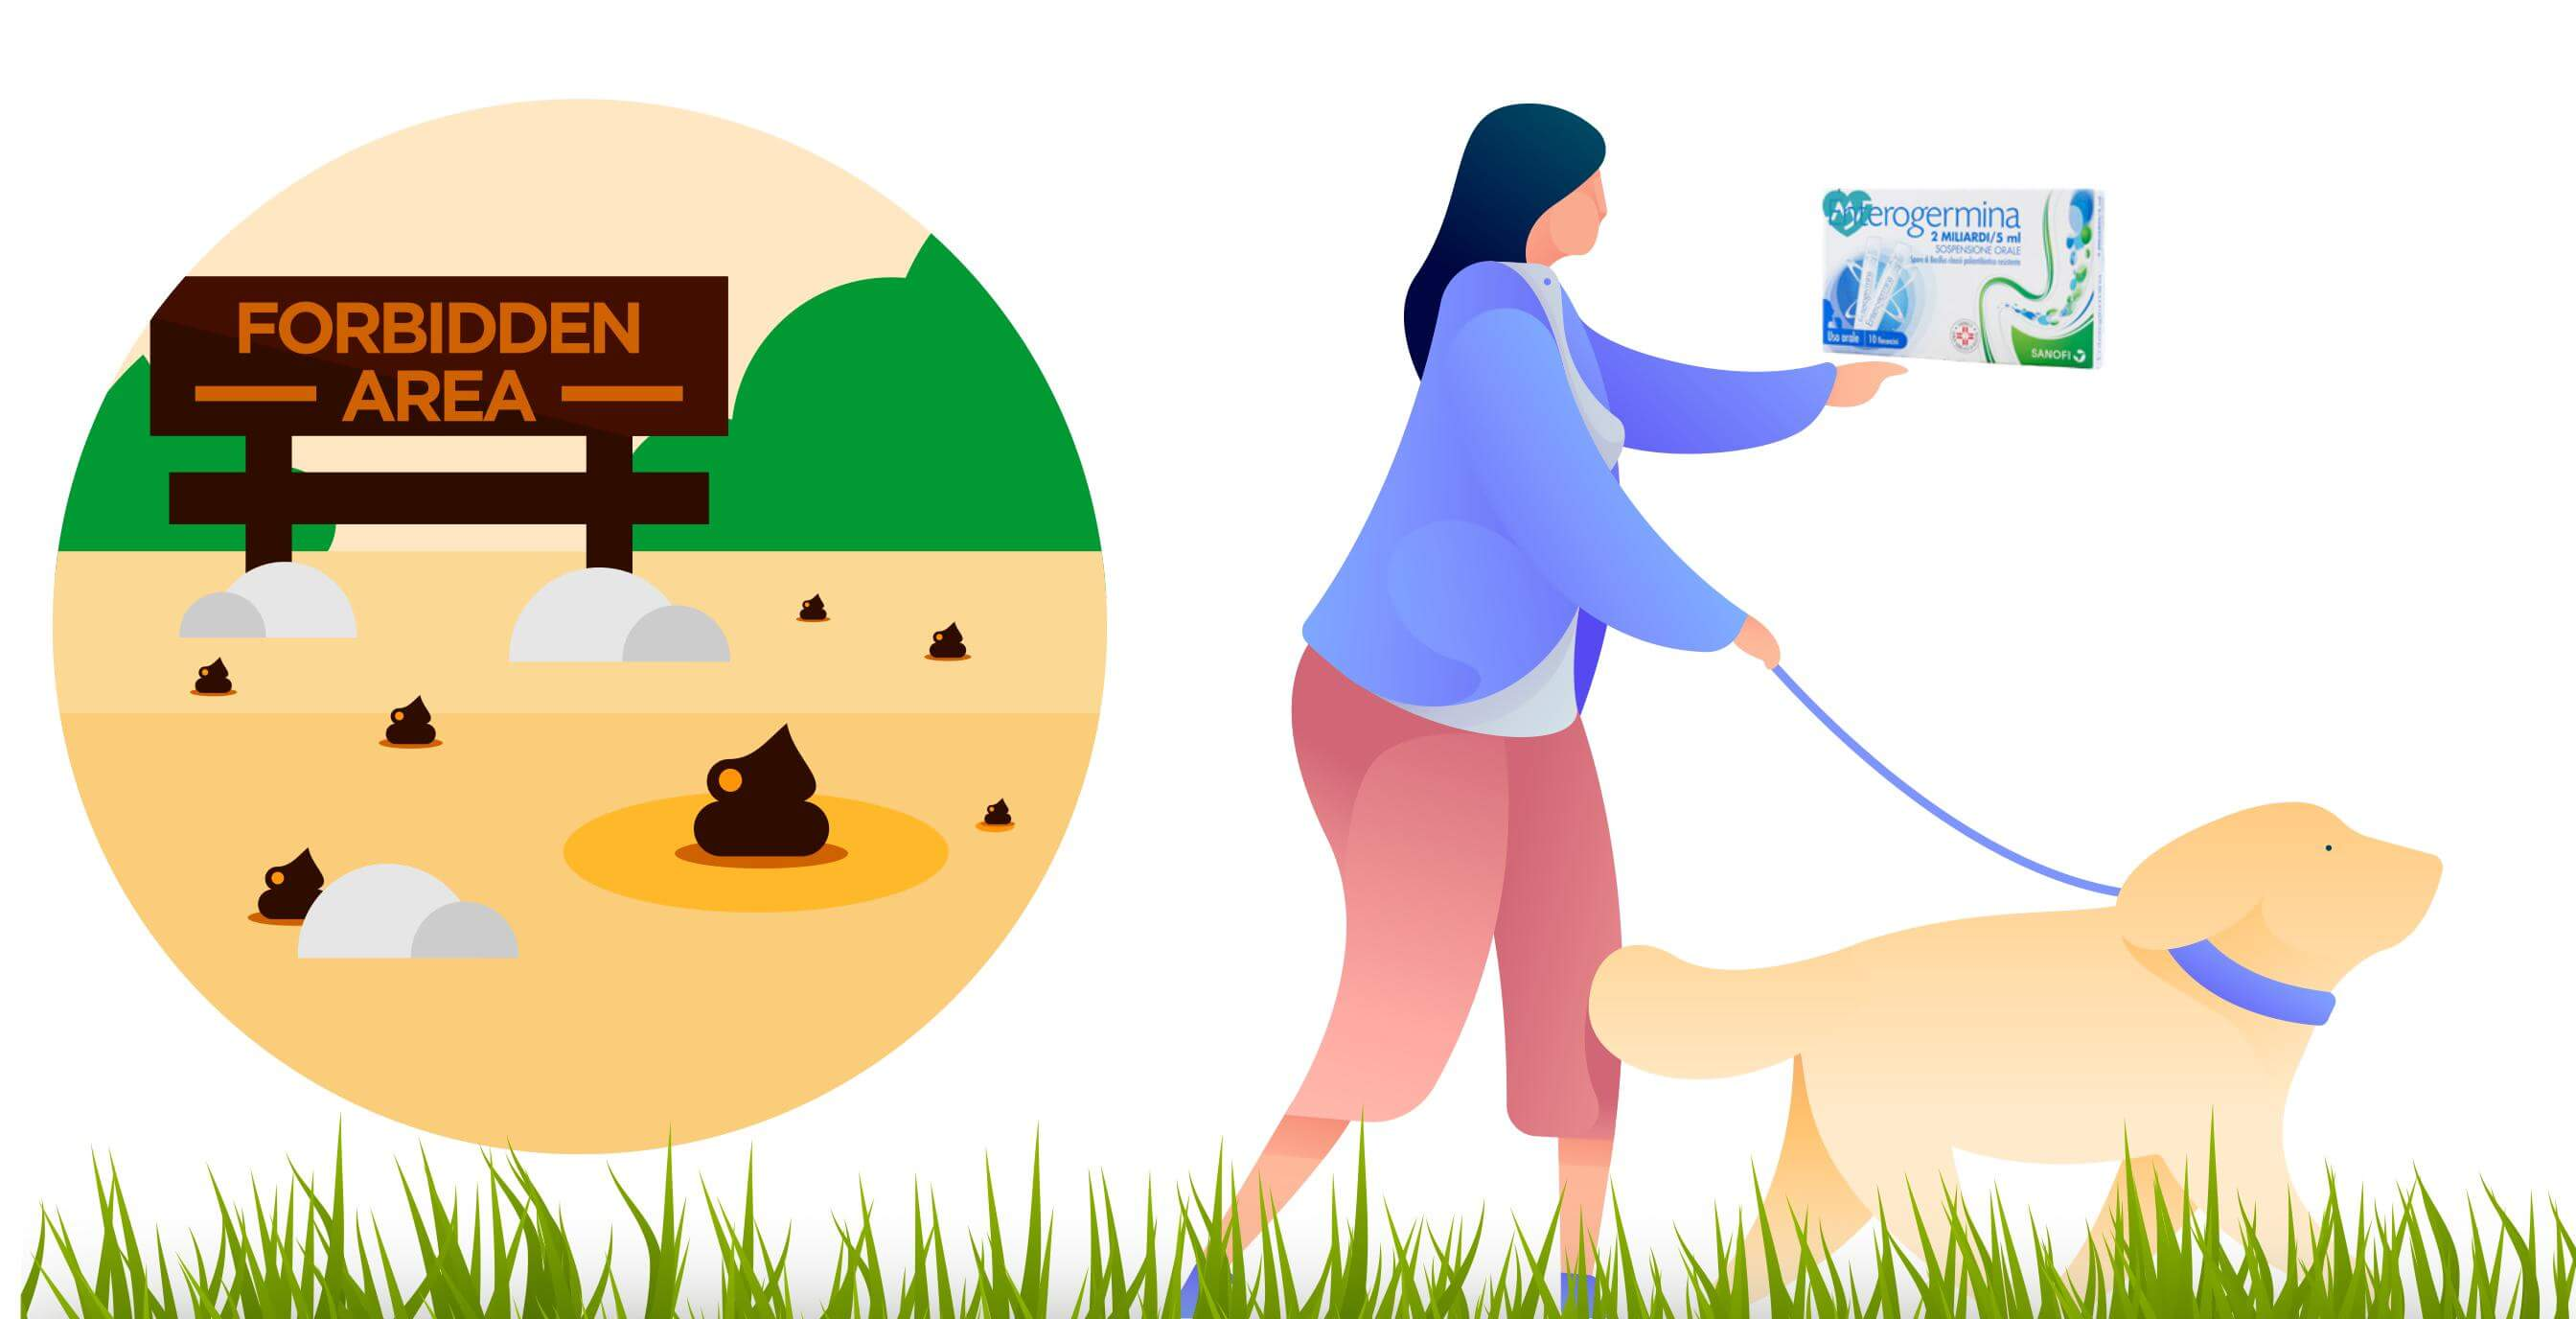 Diarrea del cane- Si puo dare enterogermina al cane - curare la diarrea del cane con fermenti lattici 4